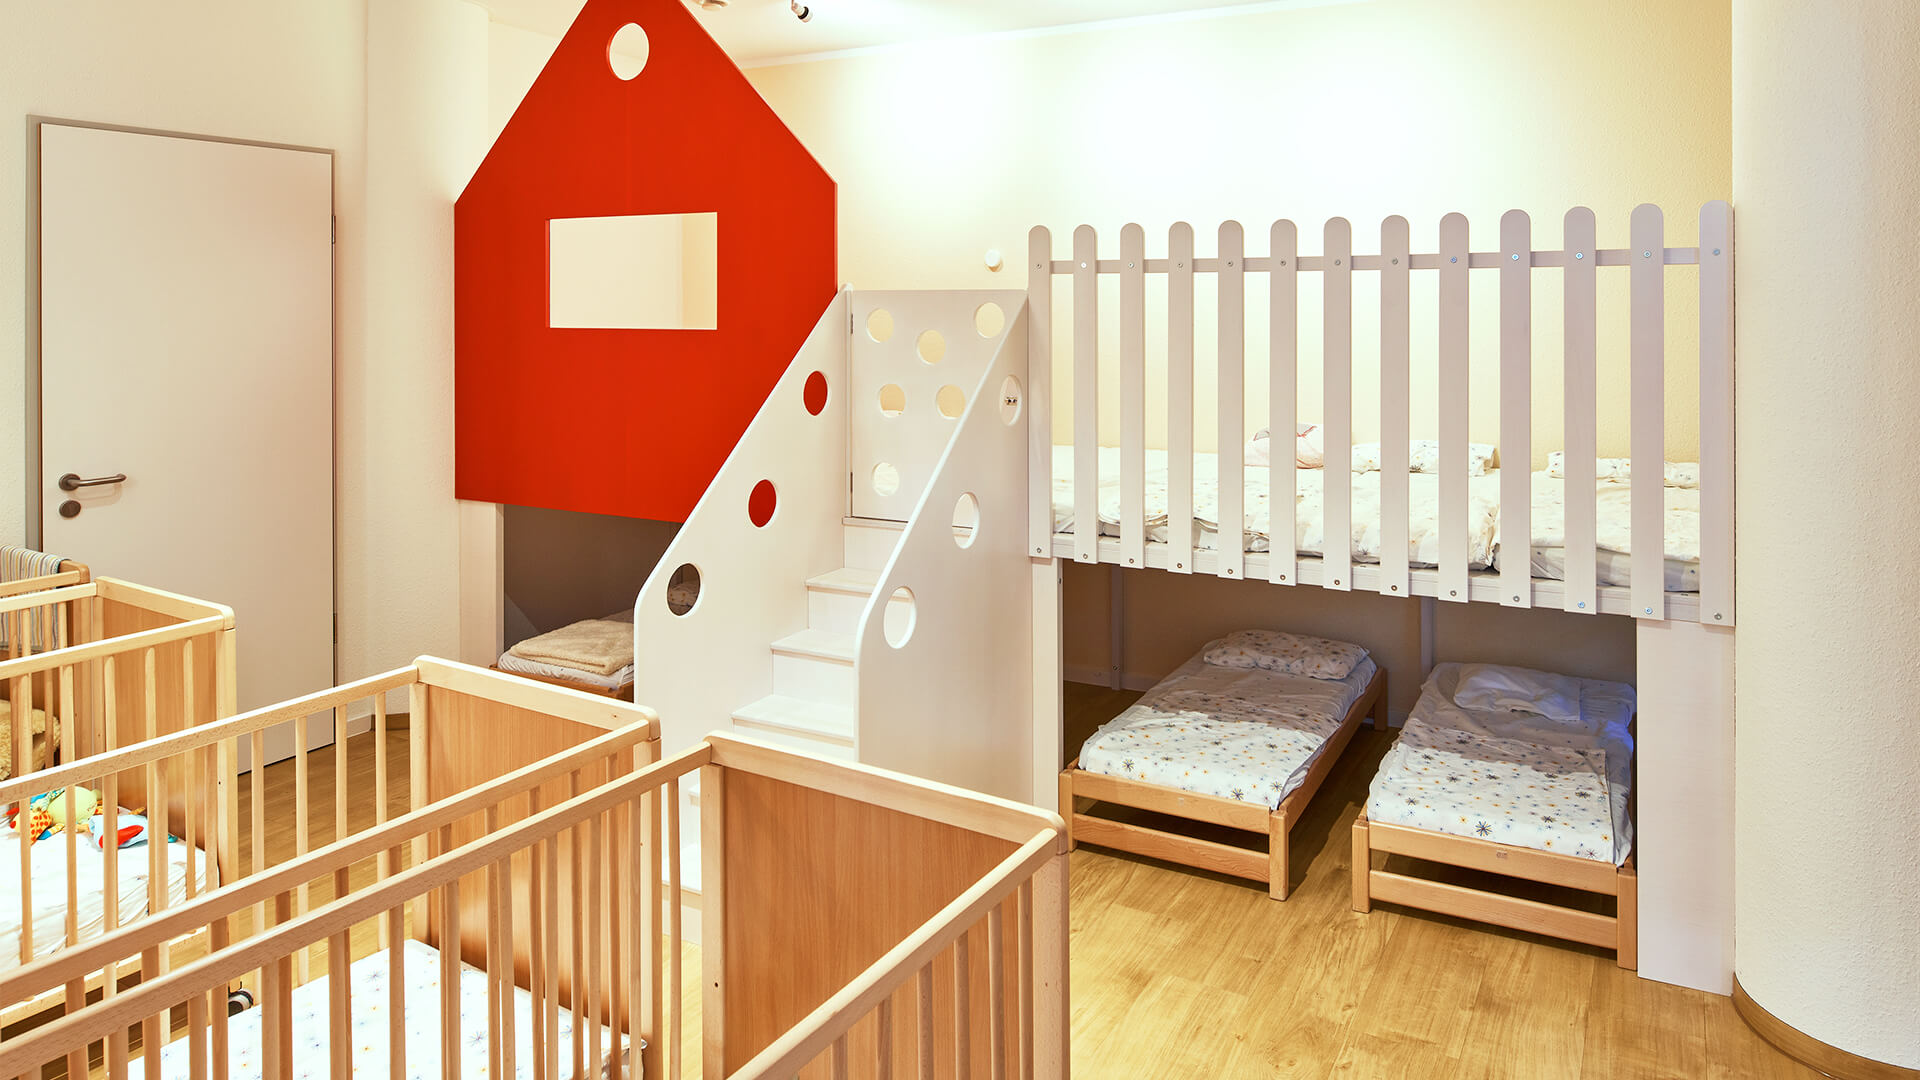 Ruheraum am Standort Düsseldorf mit Betten für kleine und große Kinder